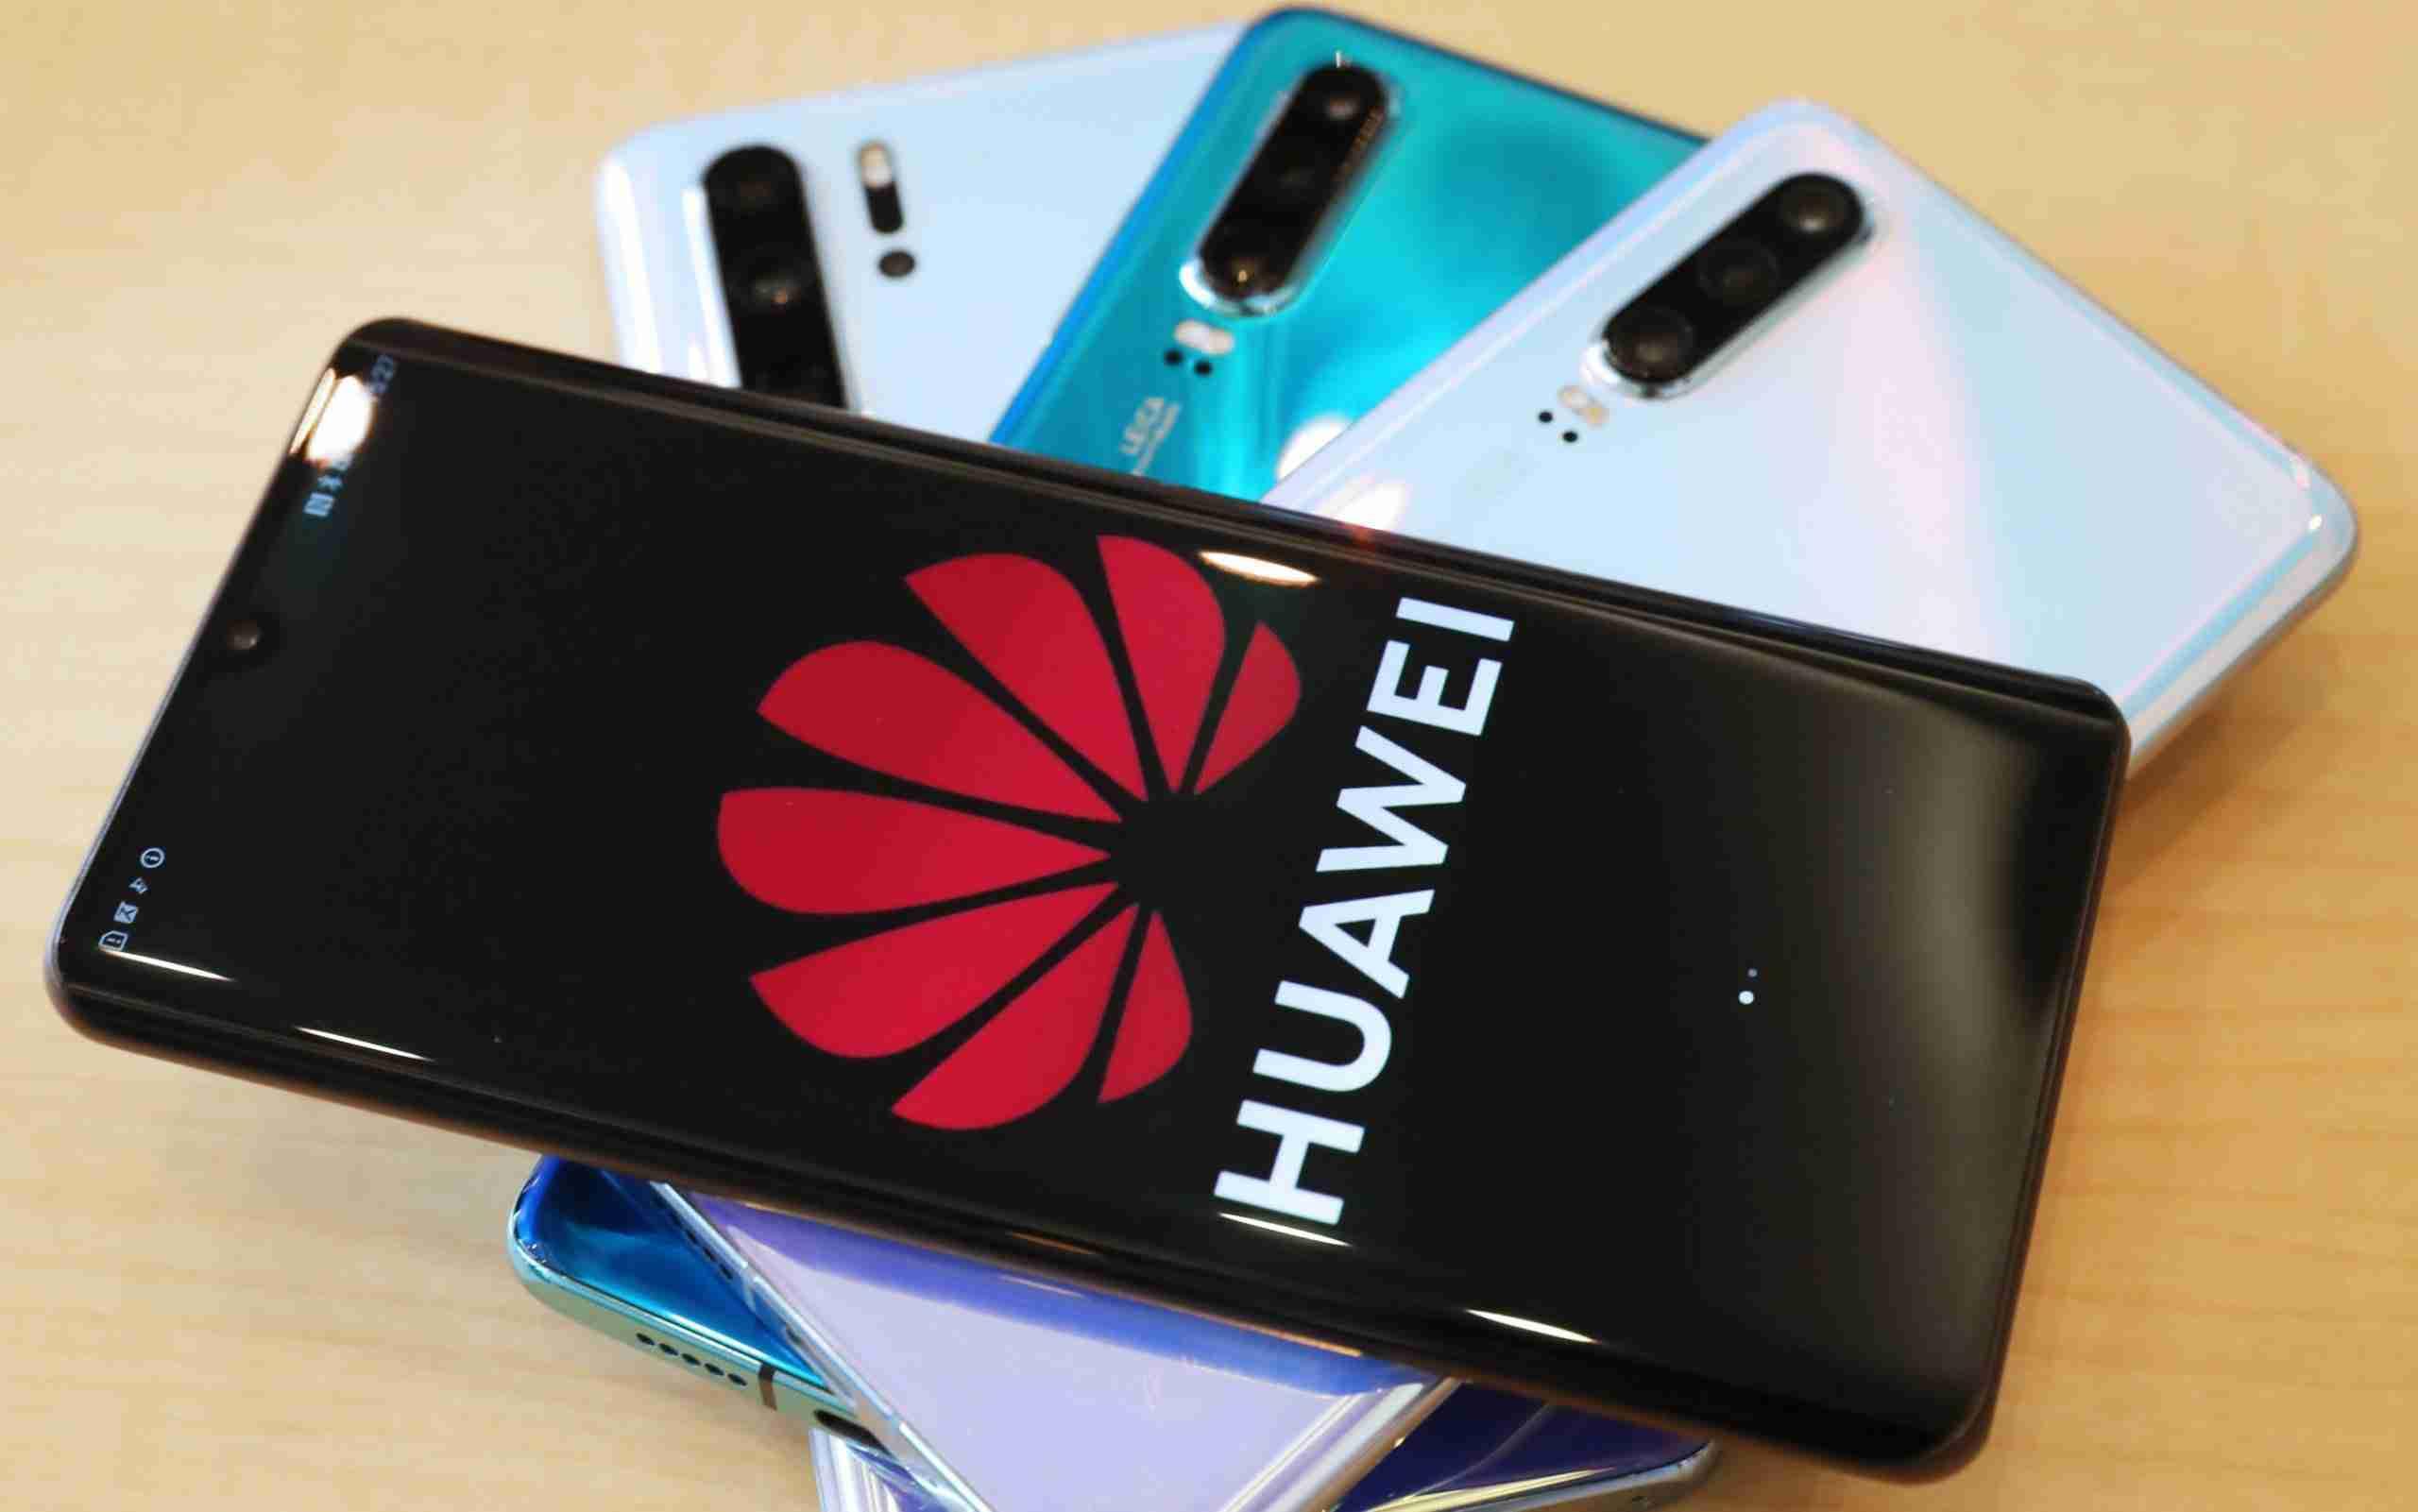 Trasferire dati da uno smartphone Huawei a un nuovo smartphone Huawei